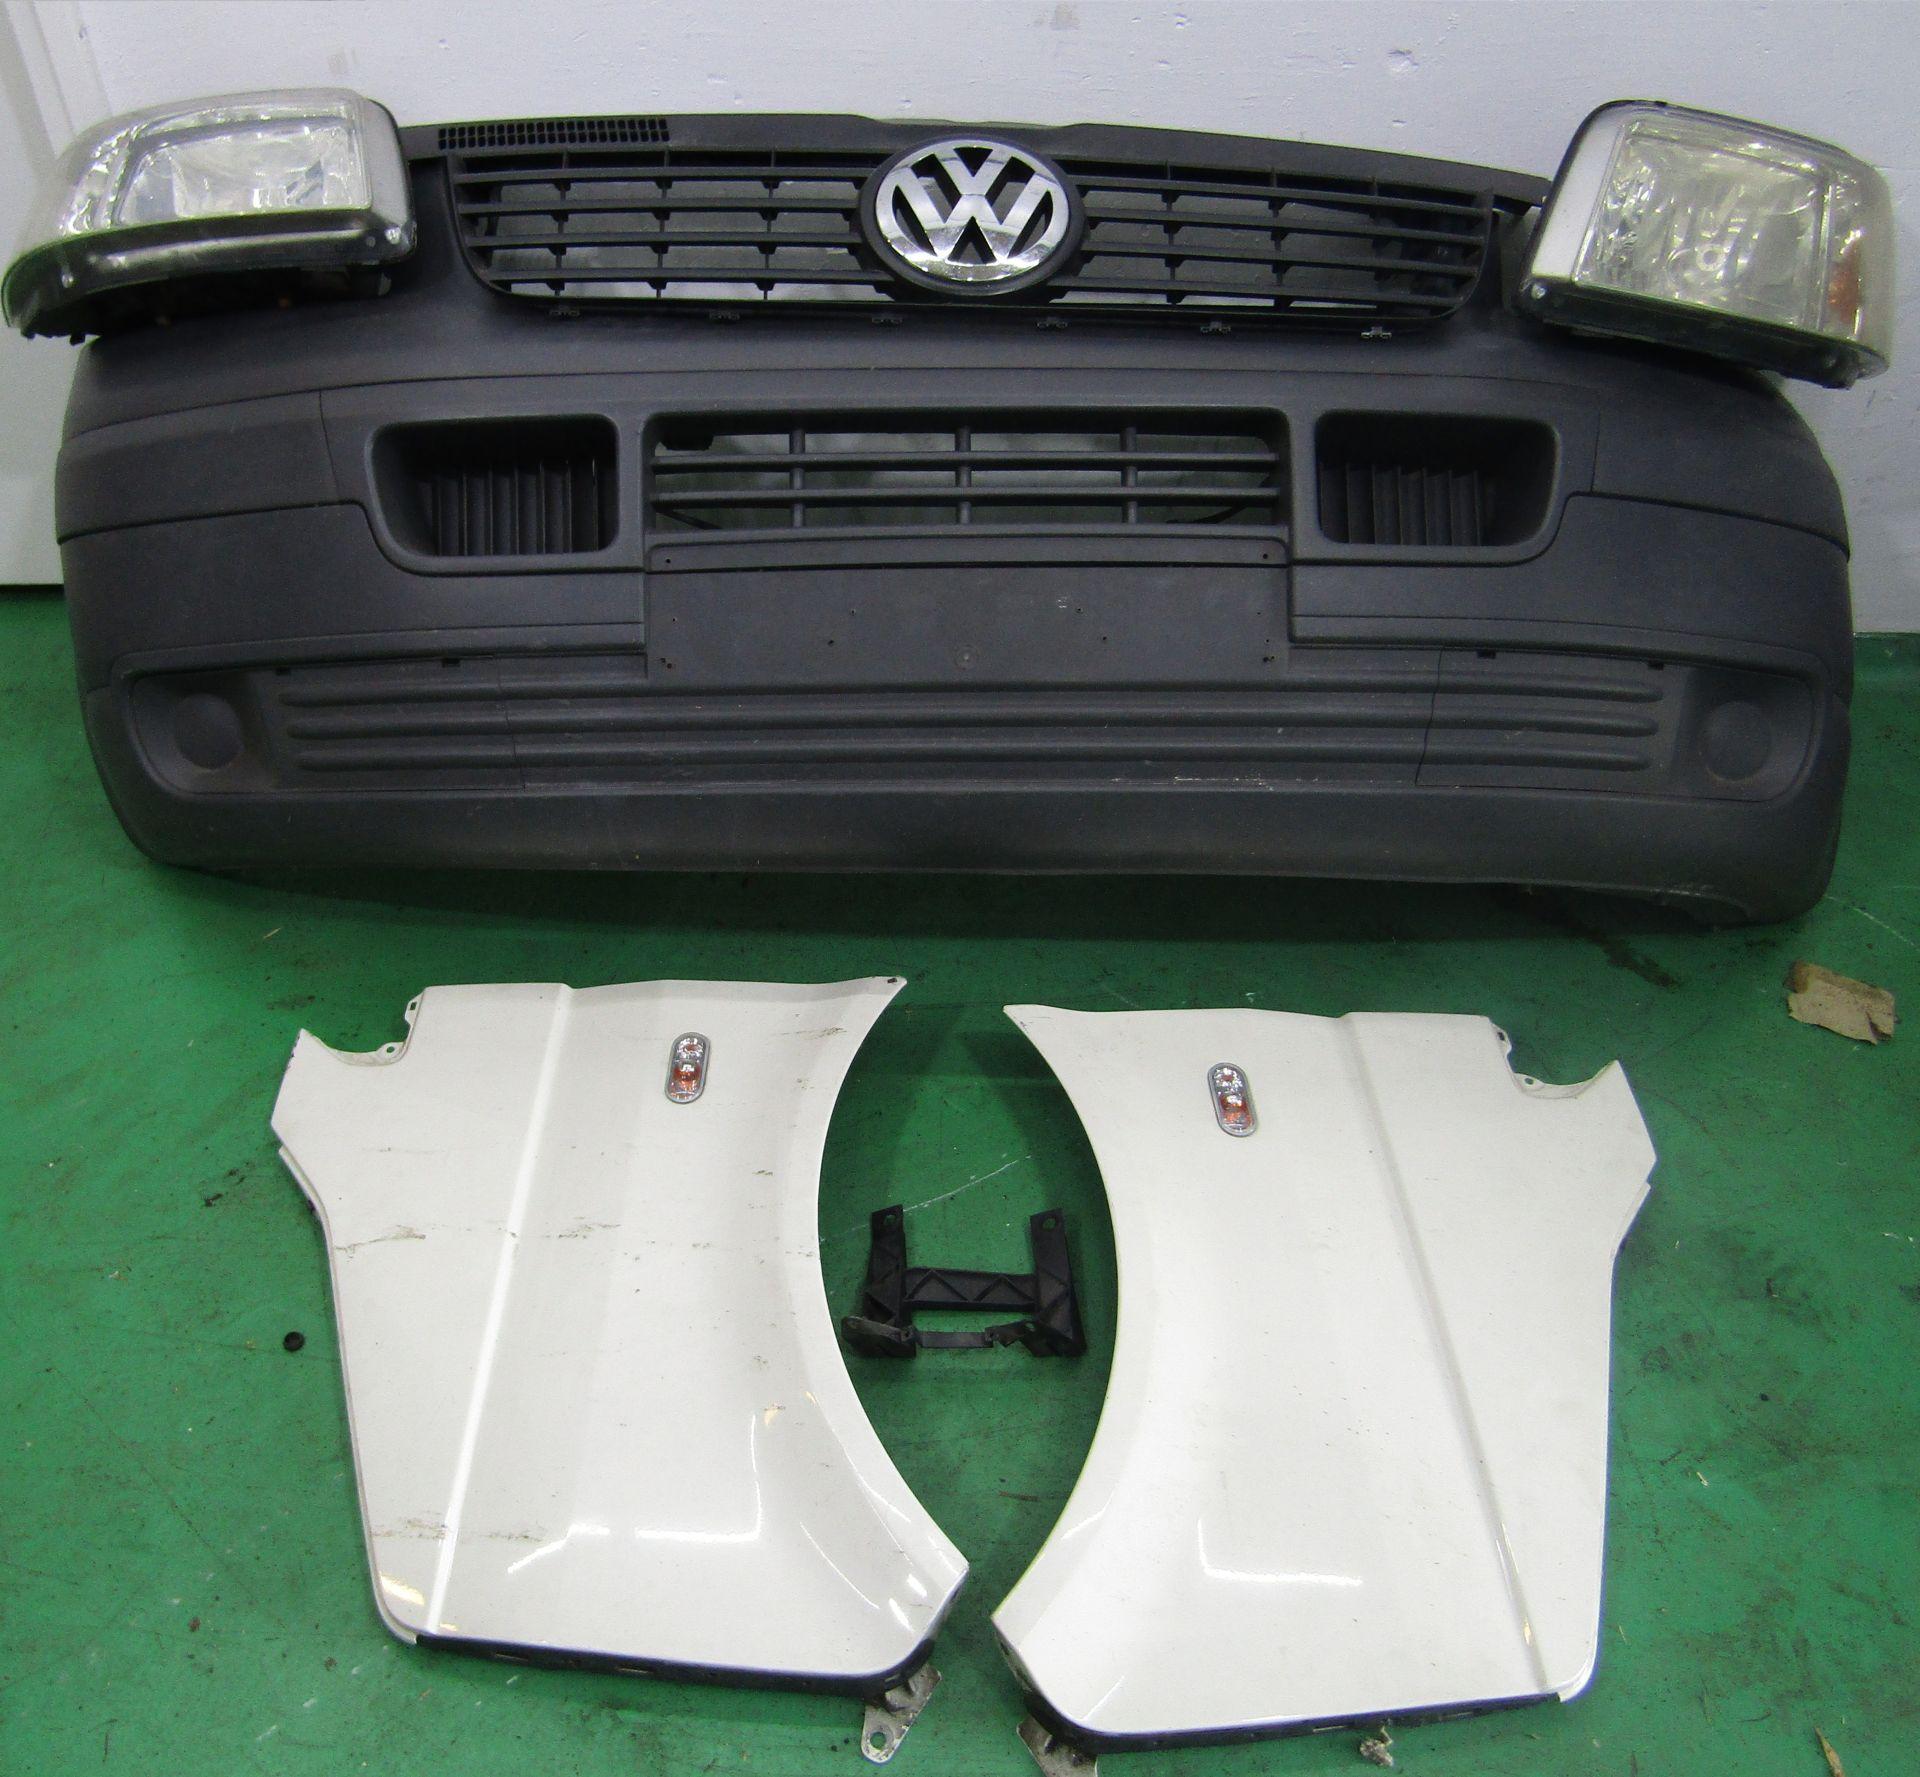 VW Transporter T5 csavaros karosszéria elemek 2004-10